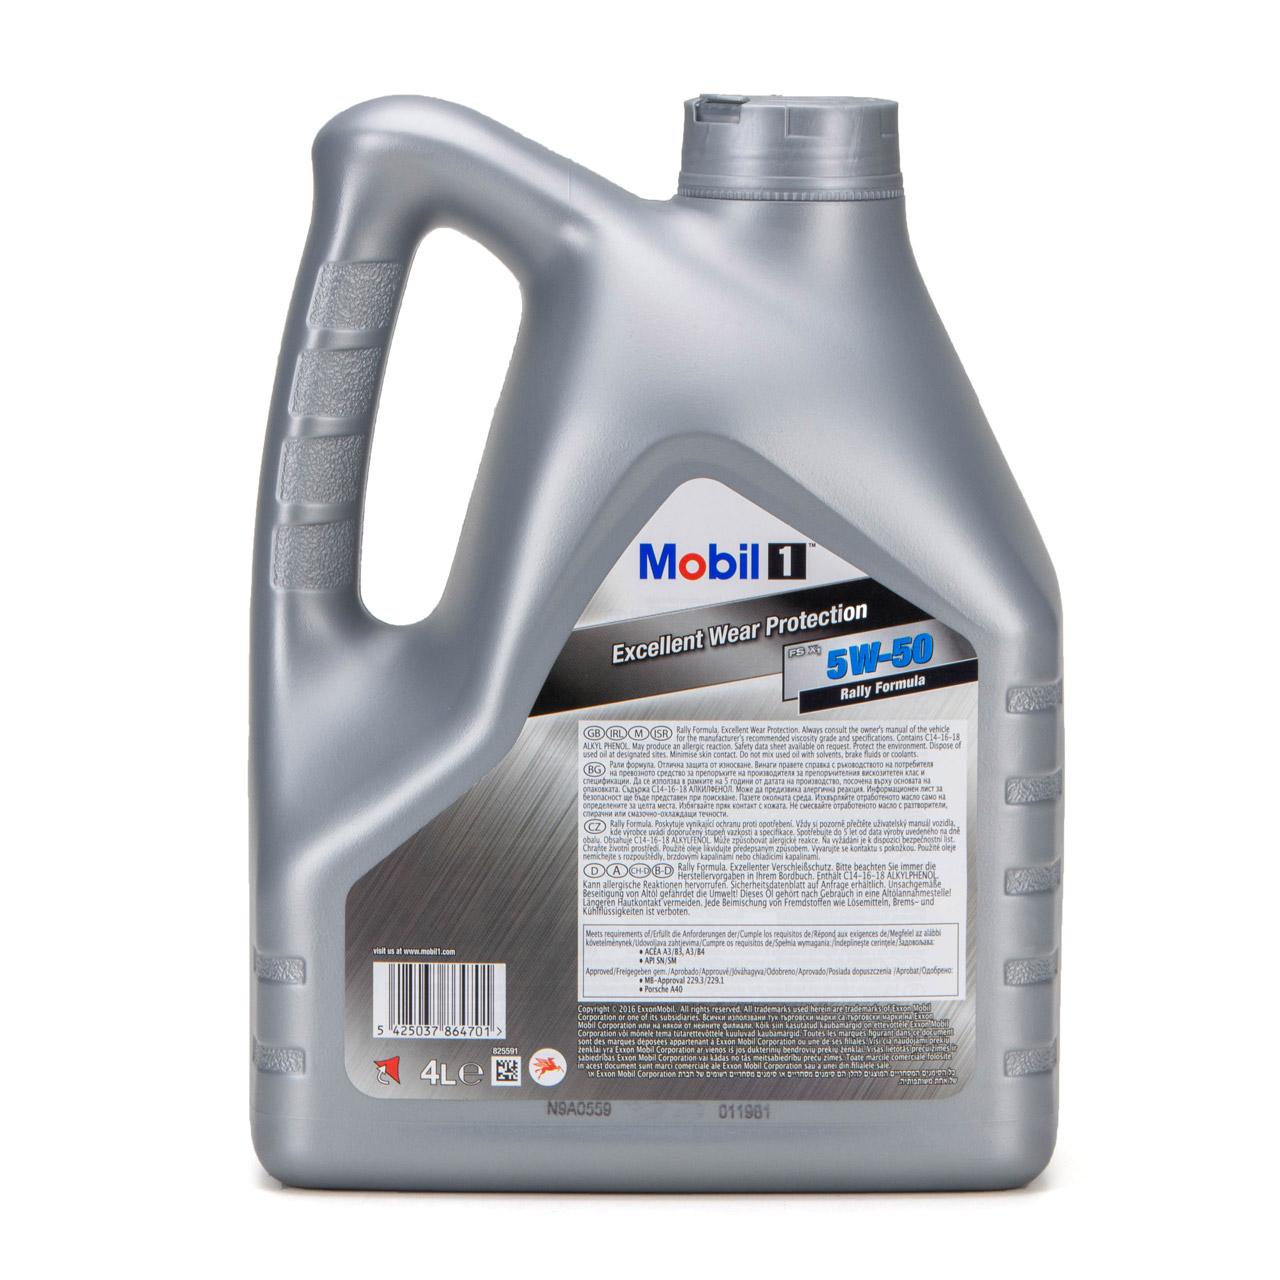 Mobil 1 FS X1 Motoröl Öl 5W-50 5W50 PORSCHE A40 MB 229.3 / 229.1 - 4L 4 Liter